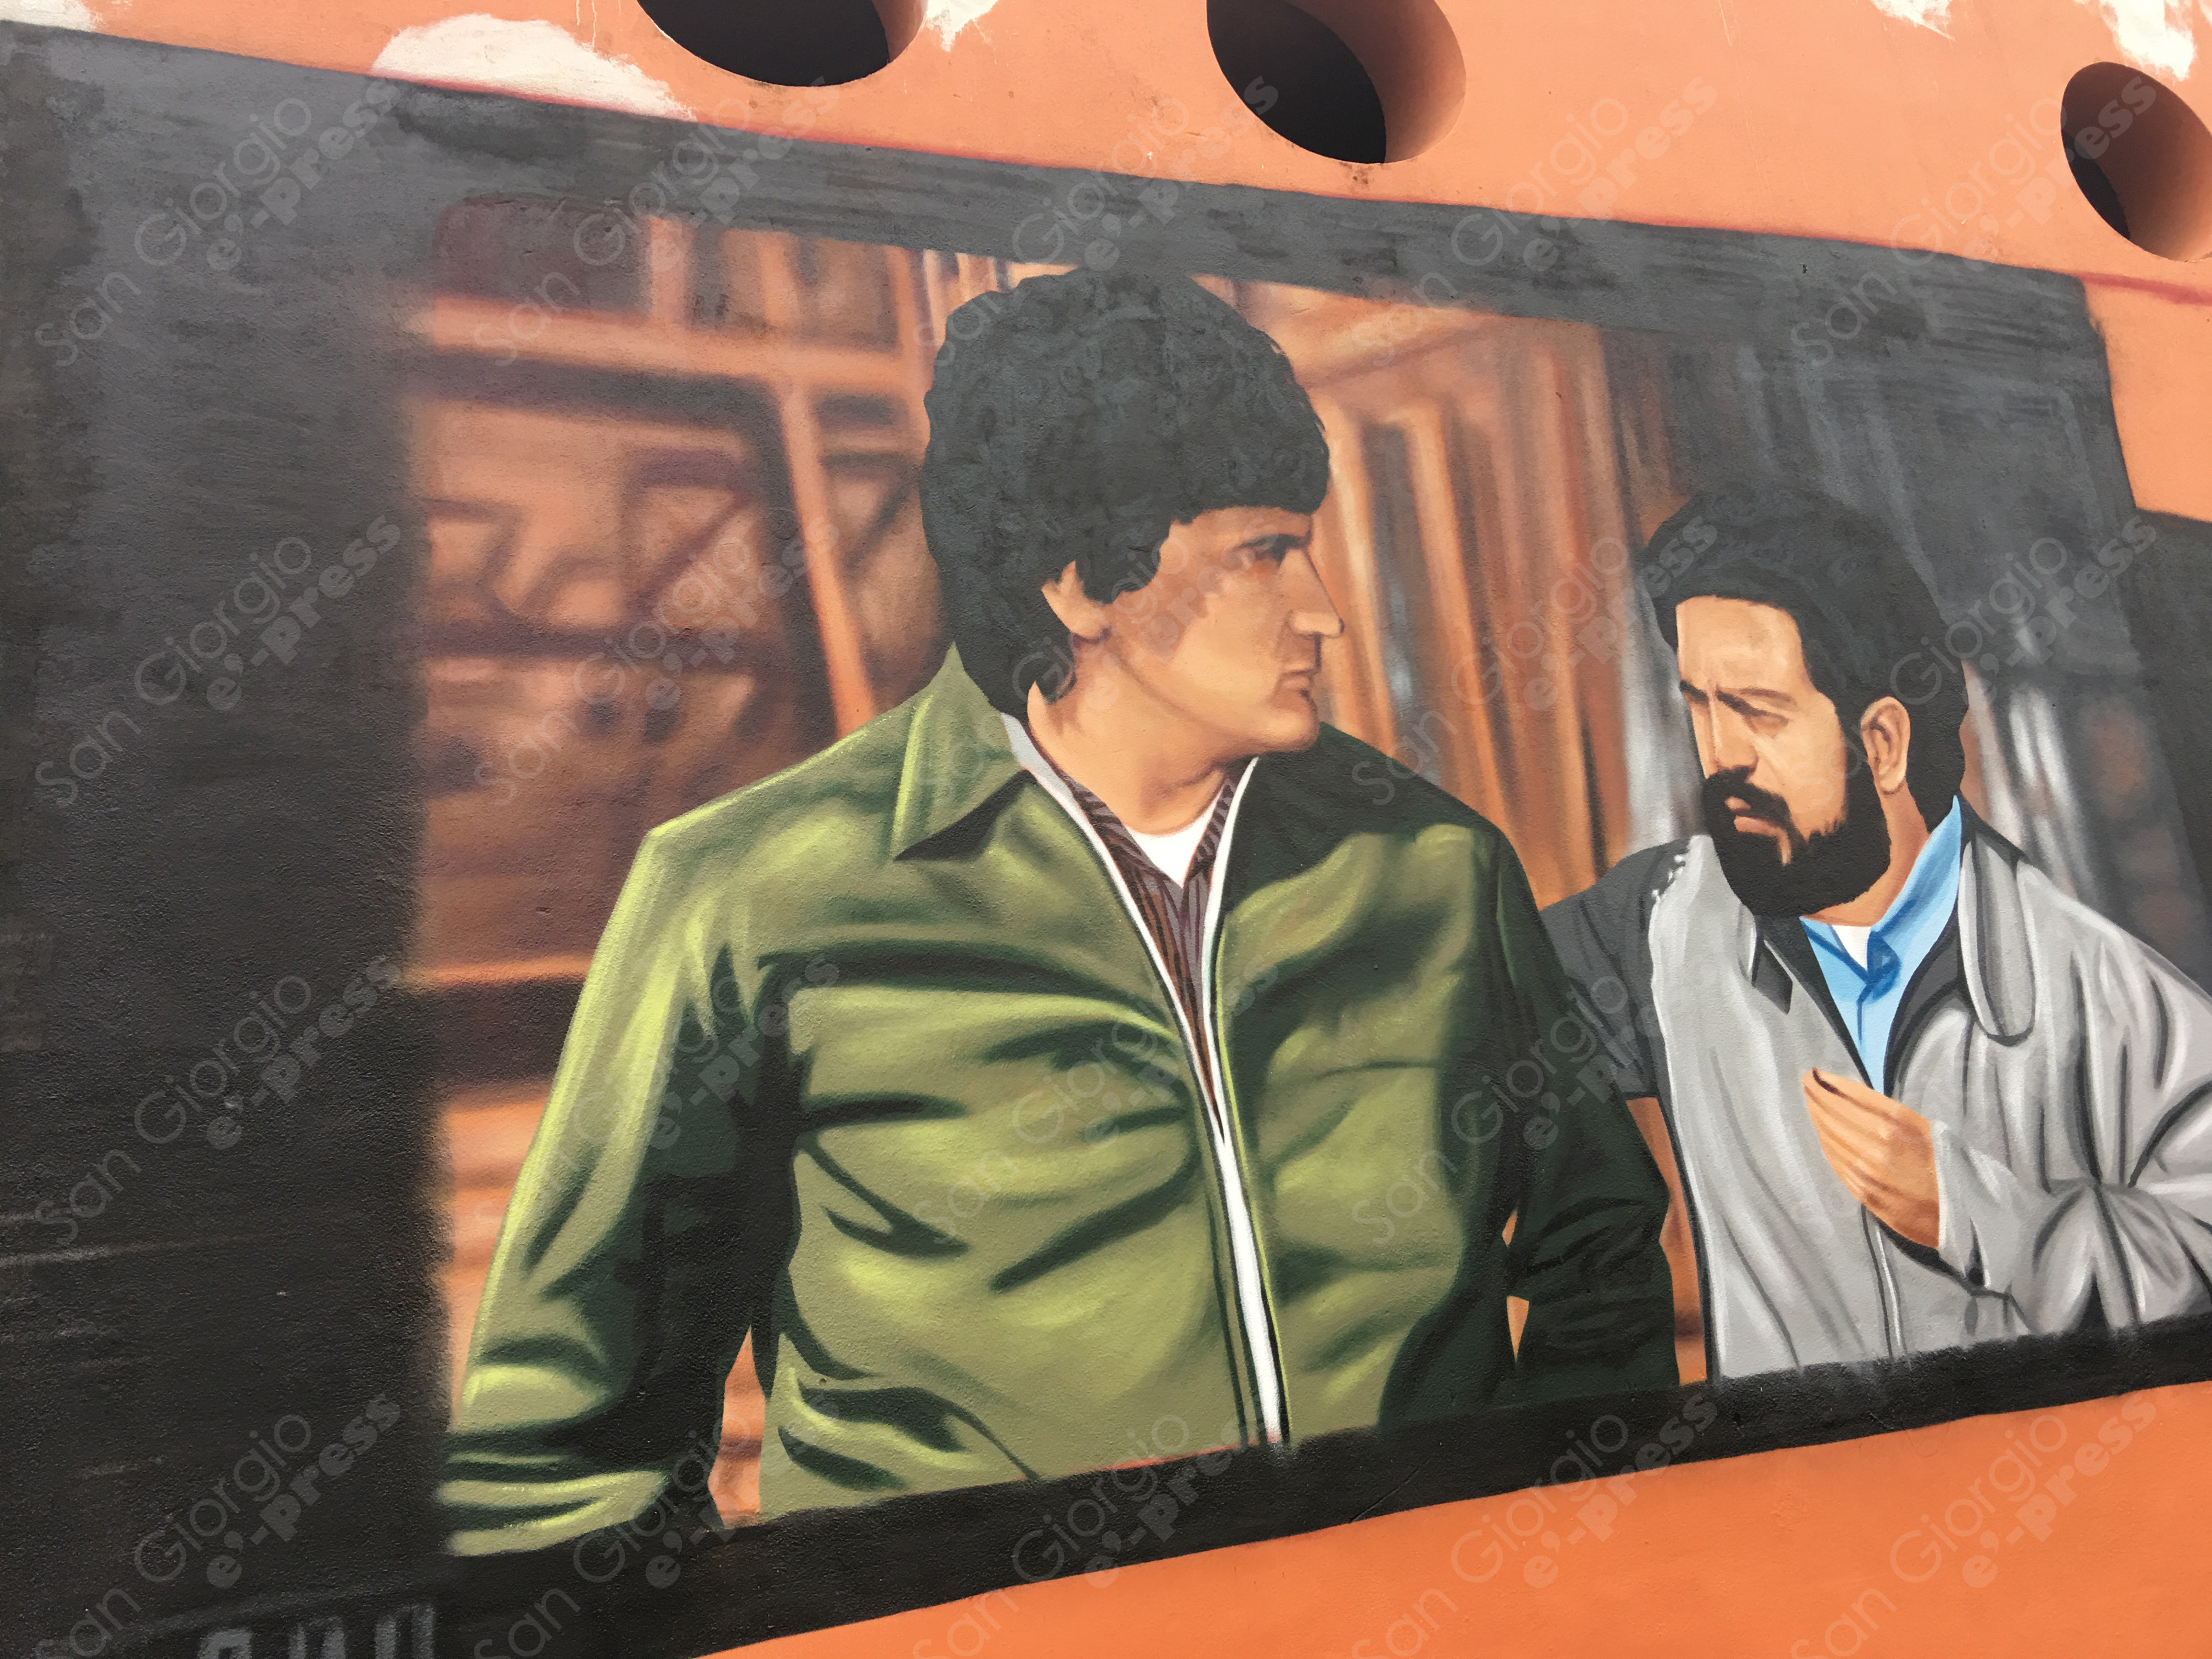 Proseguono i lavori di Jorit Agoch sul murales dedicato a Massimo Troisi